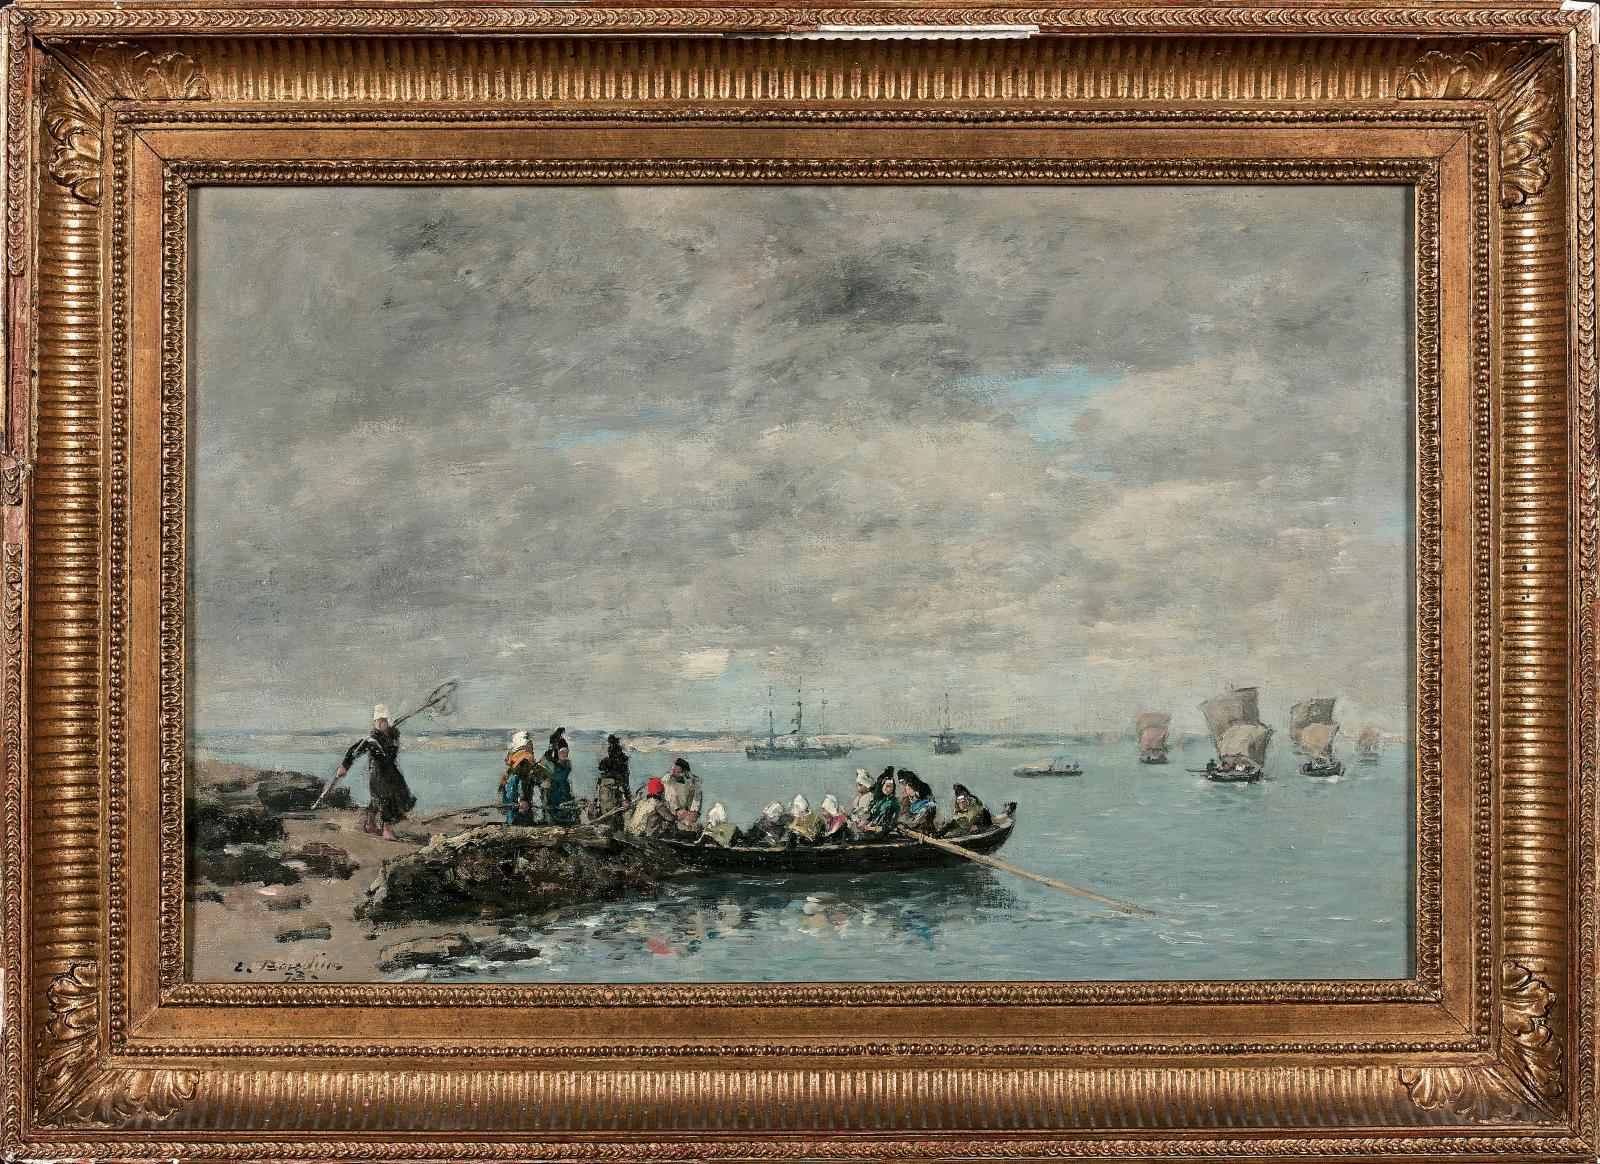 Eugène Boudin (1824-1898), Kerhor, pêcheuses, 1873, huile sur toile, 30,8x46,6cm. Estimation: 50000/70000€